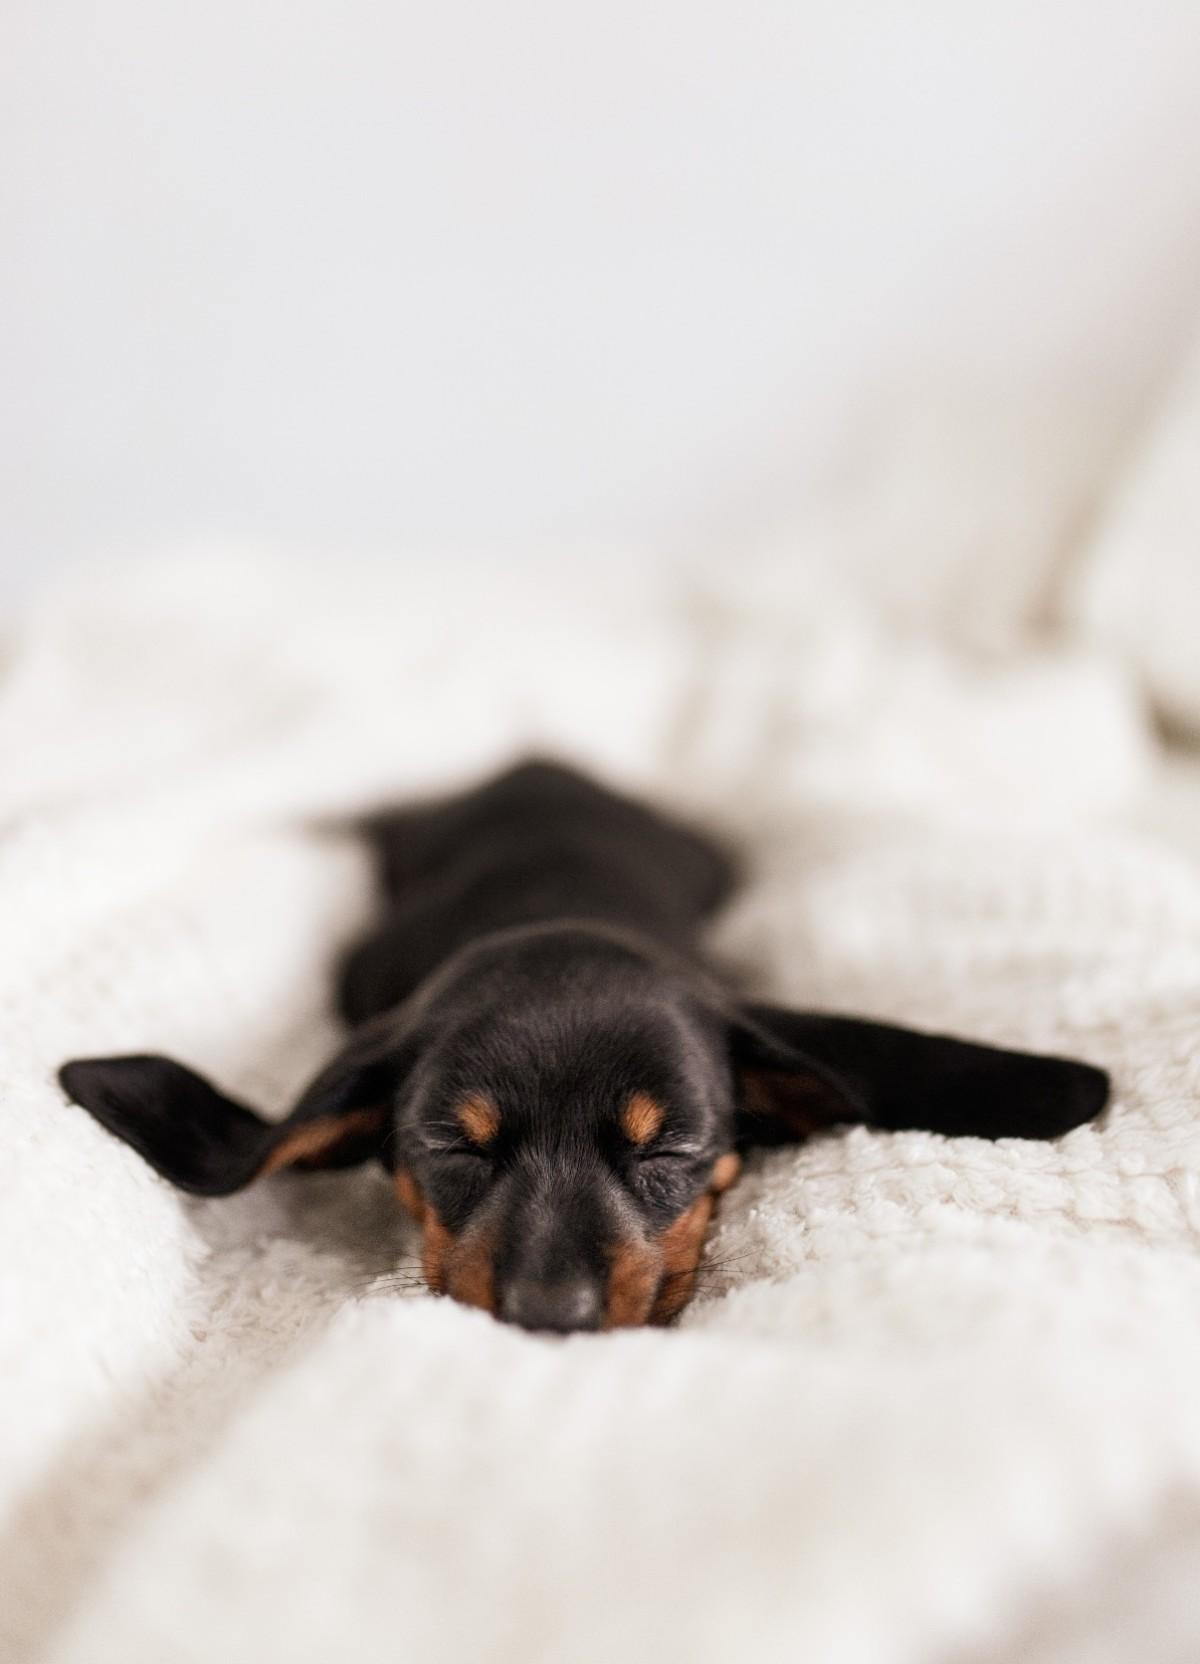 개, 놓은, 검은색, 실내이(가) 표시된 사진  자동 생성된 설명